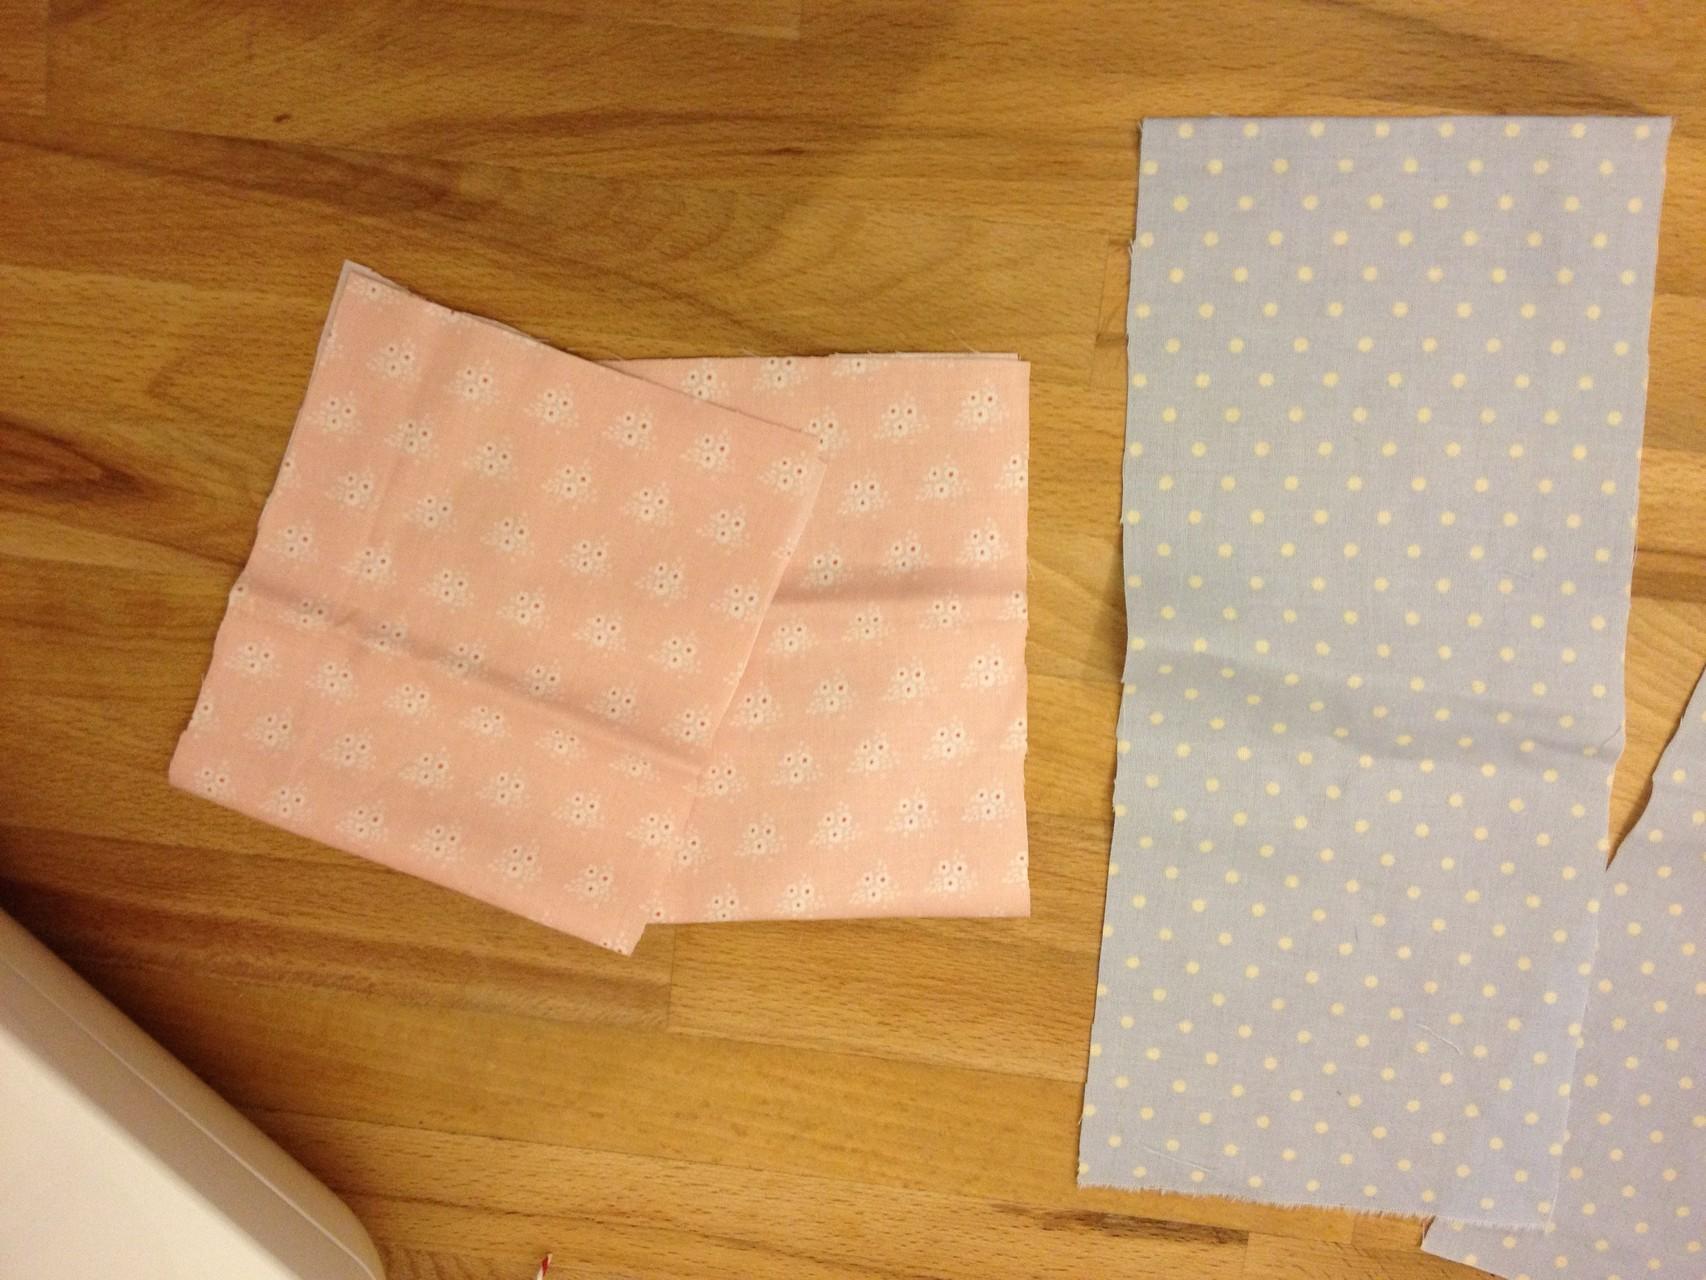 Zwei Streifen (bei mir rosa) klappt ihr nun jeweils so zusammen, dass die linke Seite innen liegt. (Wenn ihr nur eine Innentasche wollt, dann diesen Schritt nur einmal machen ;) )